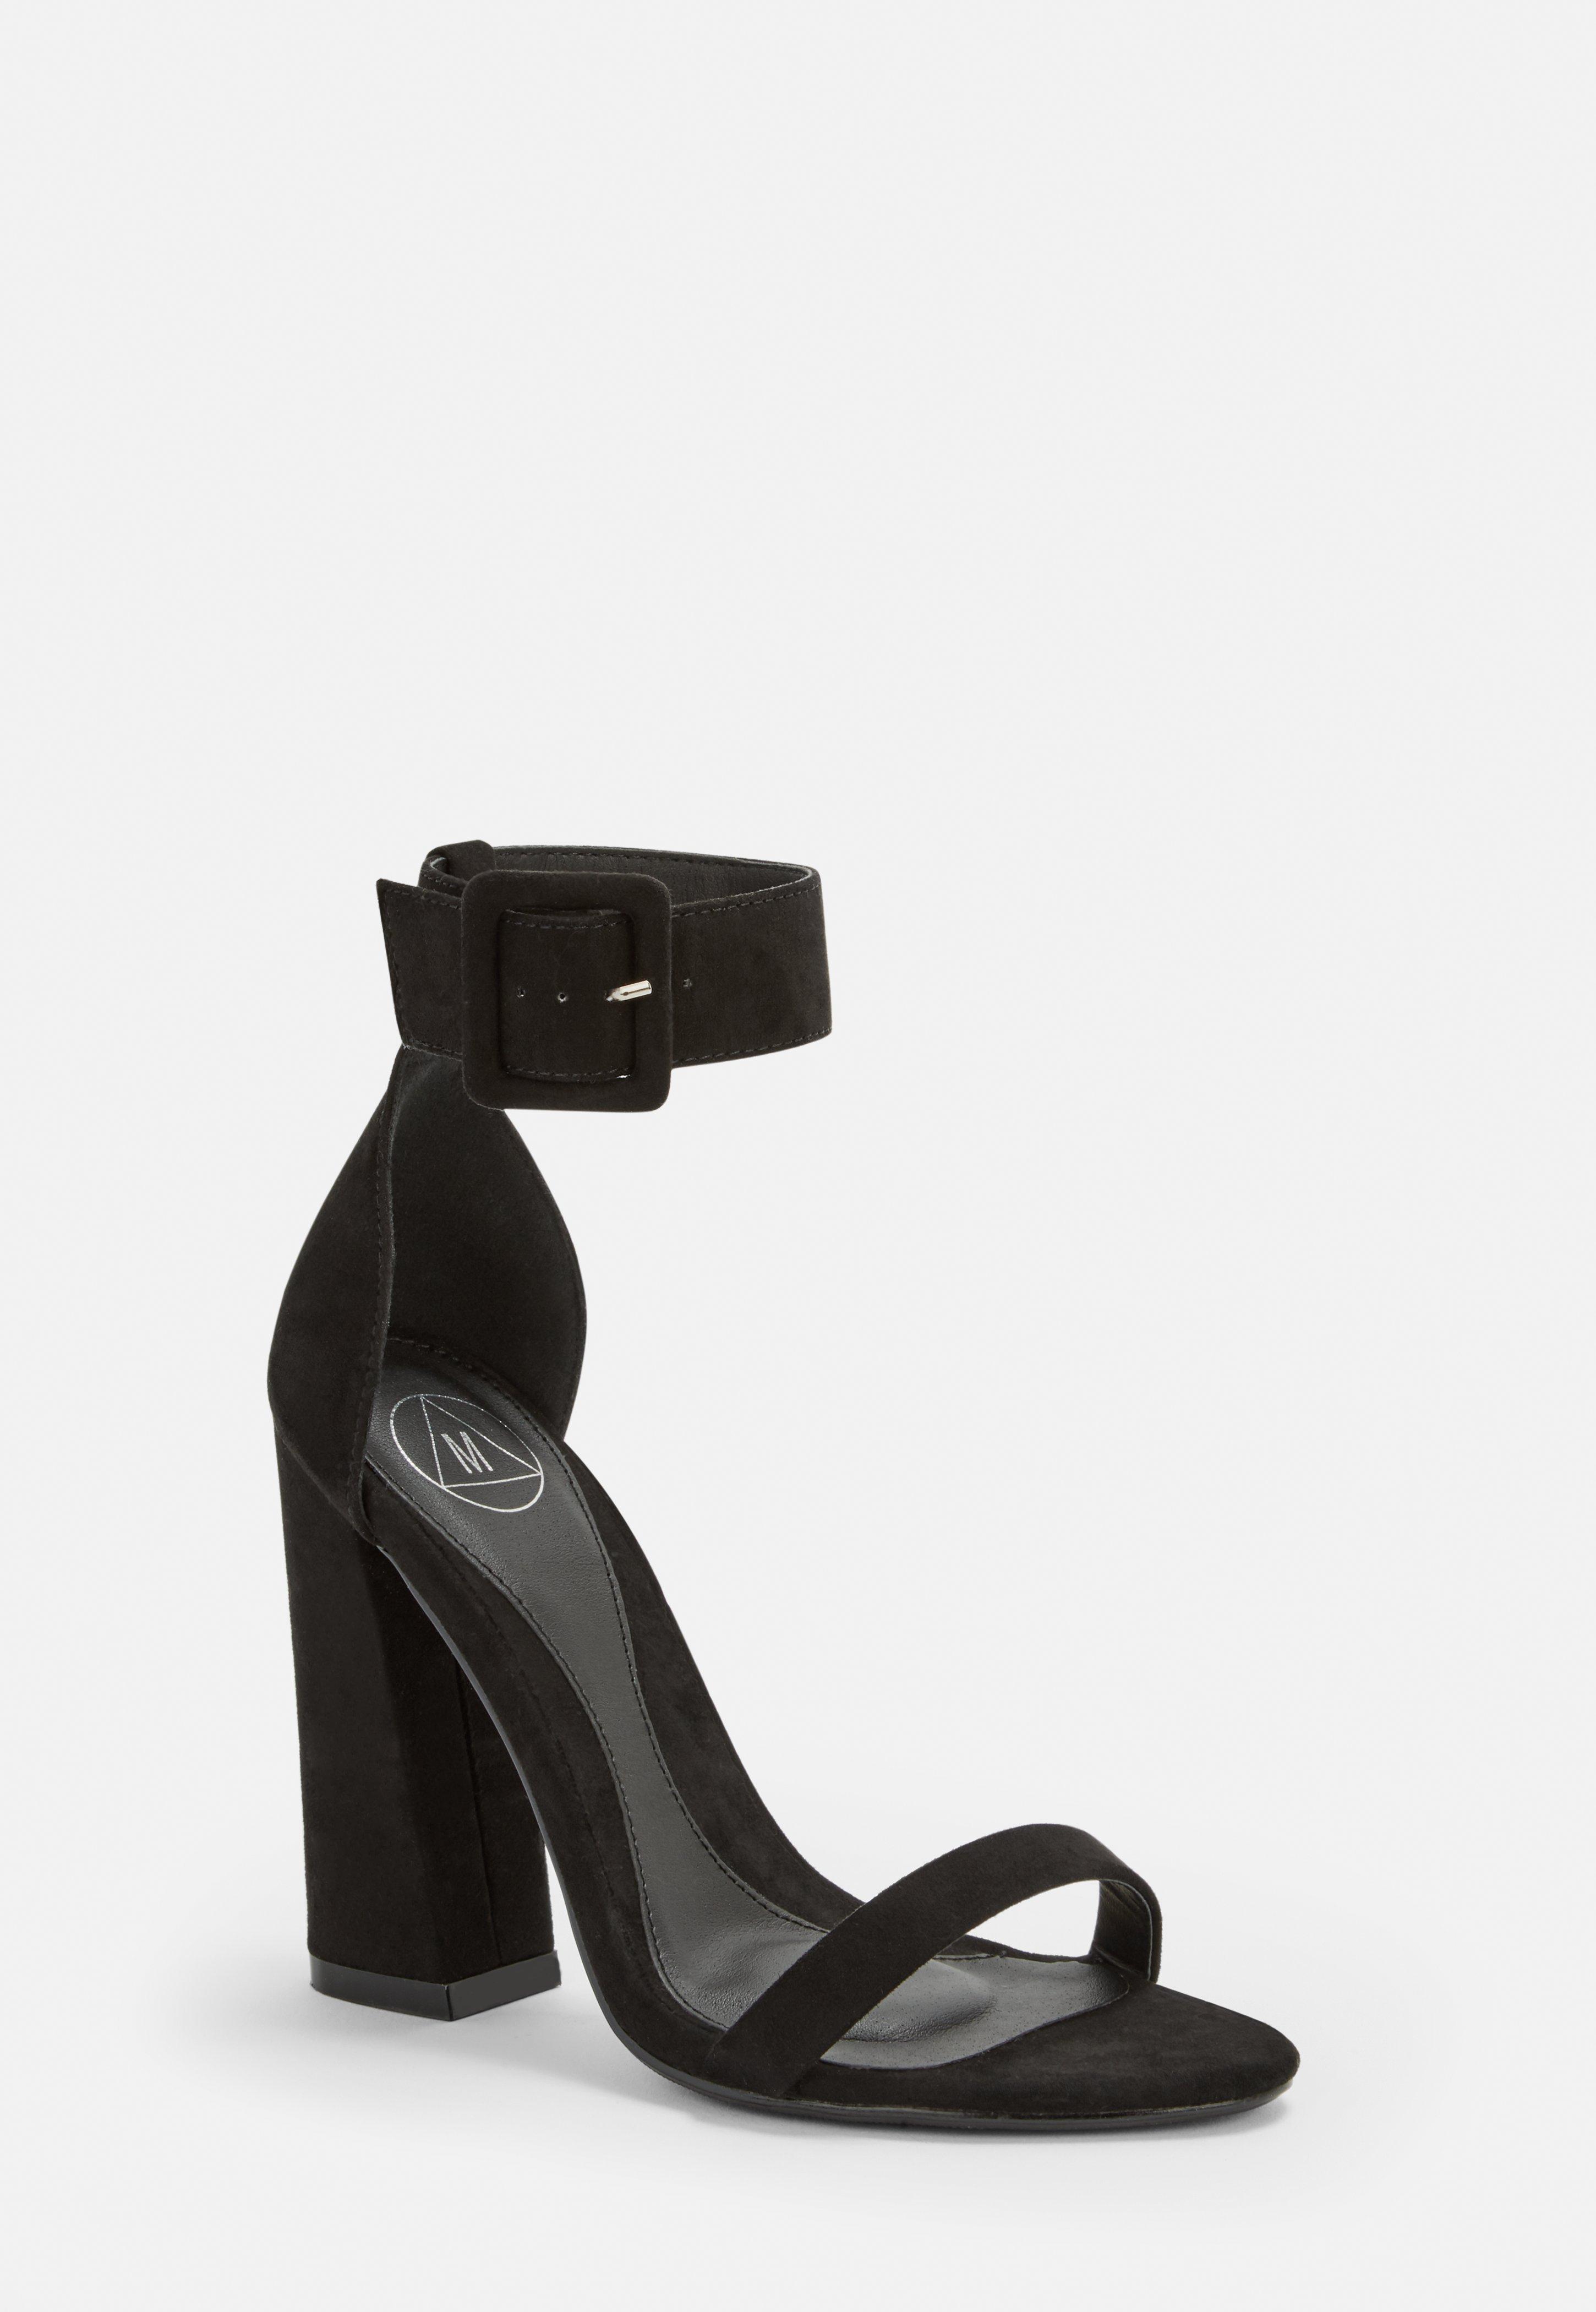 3e944a6dcd0c Chaussure femme